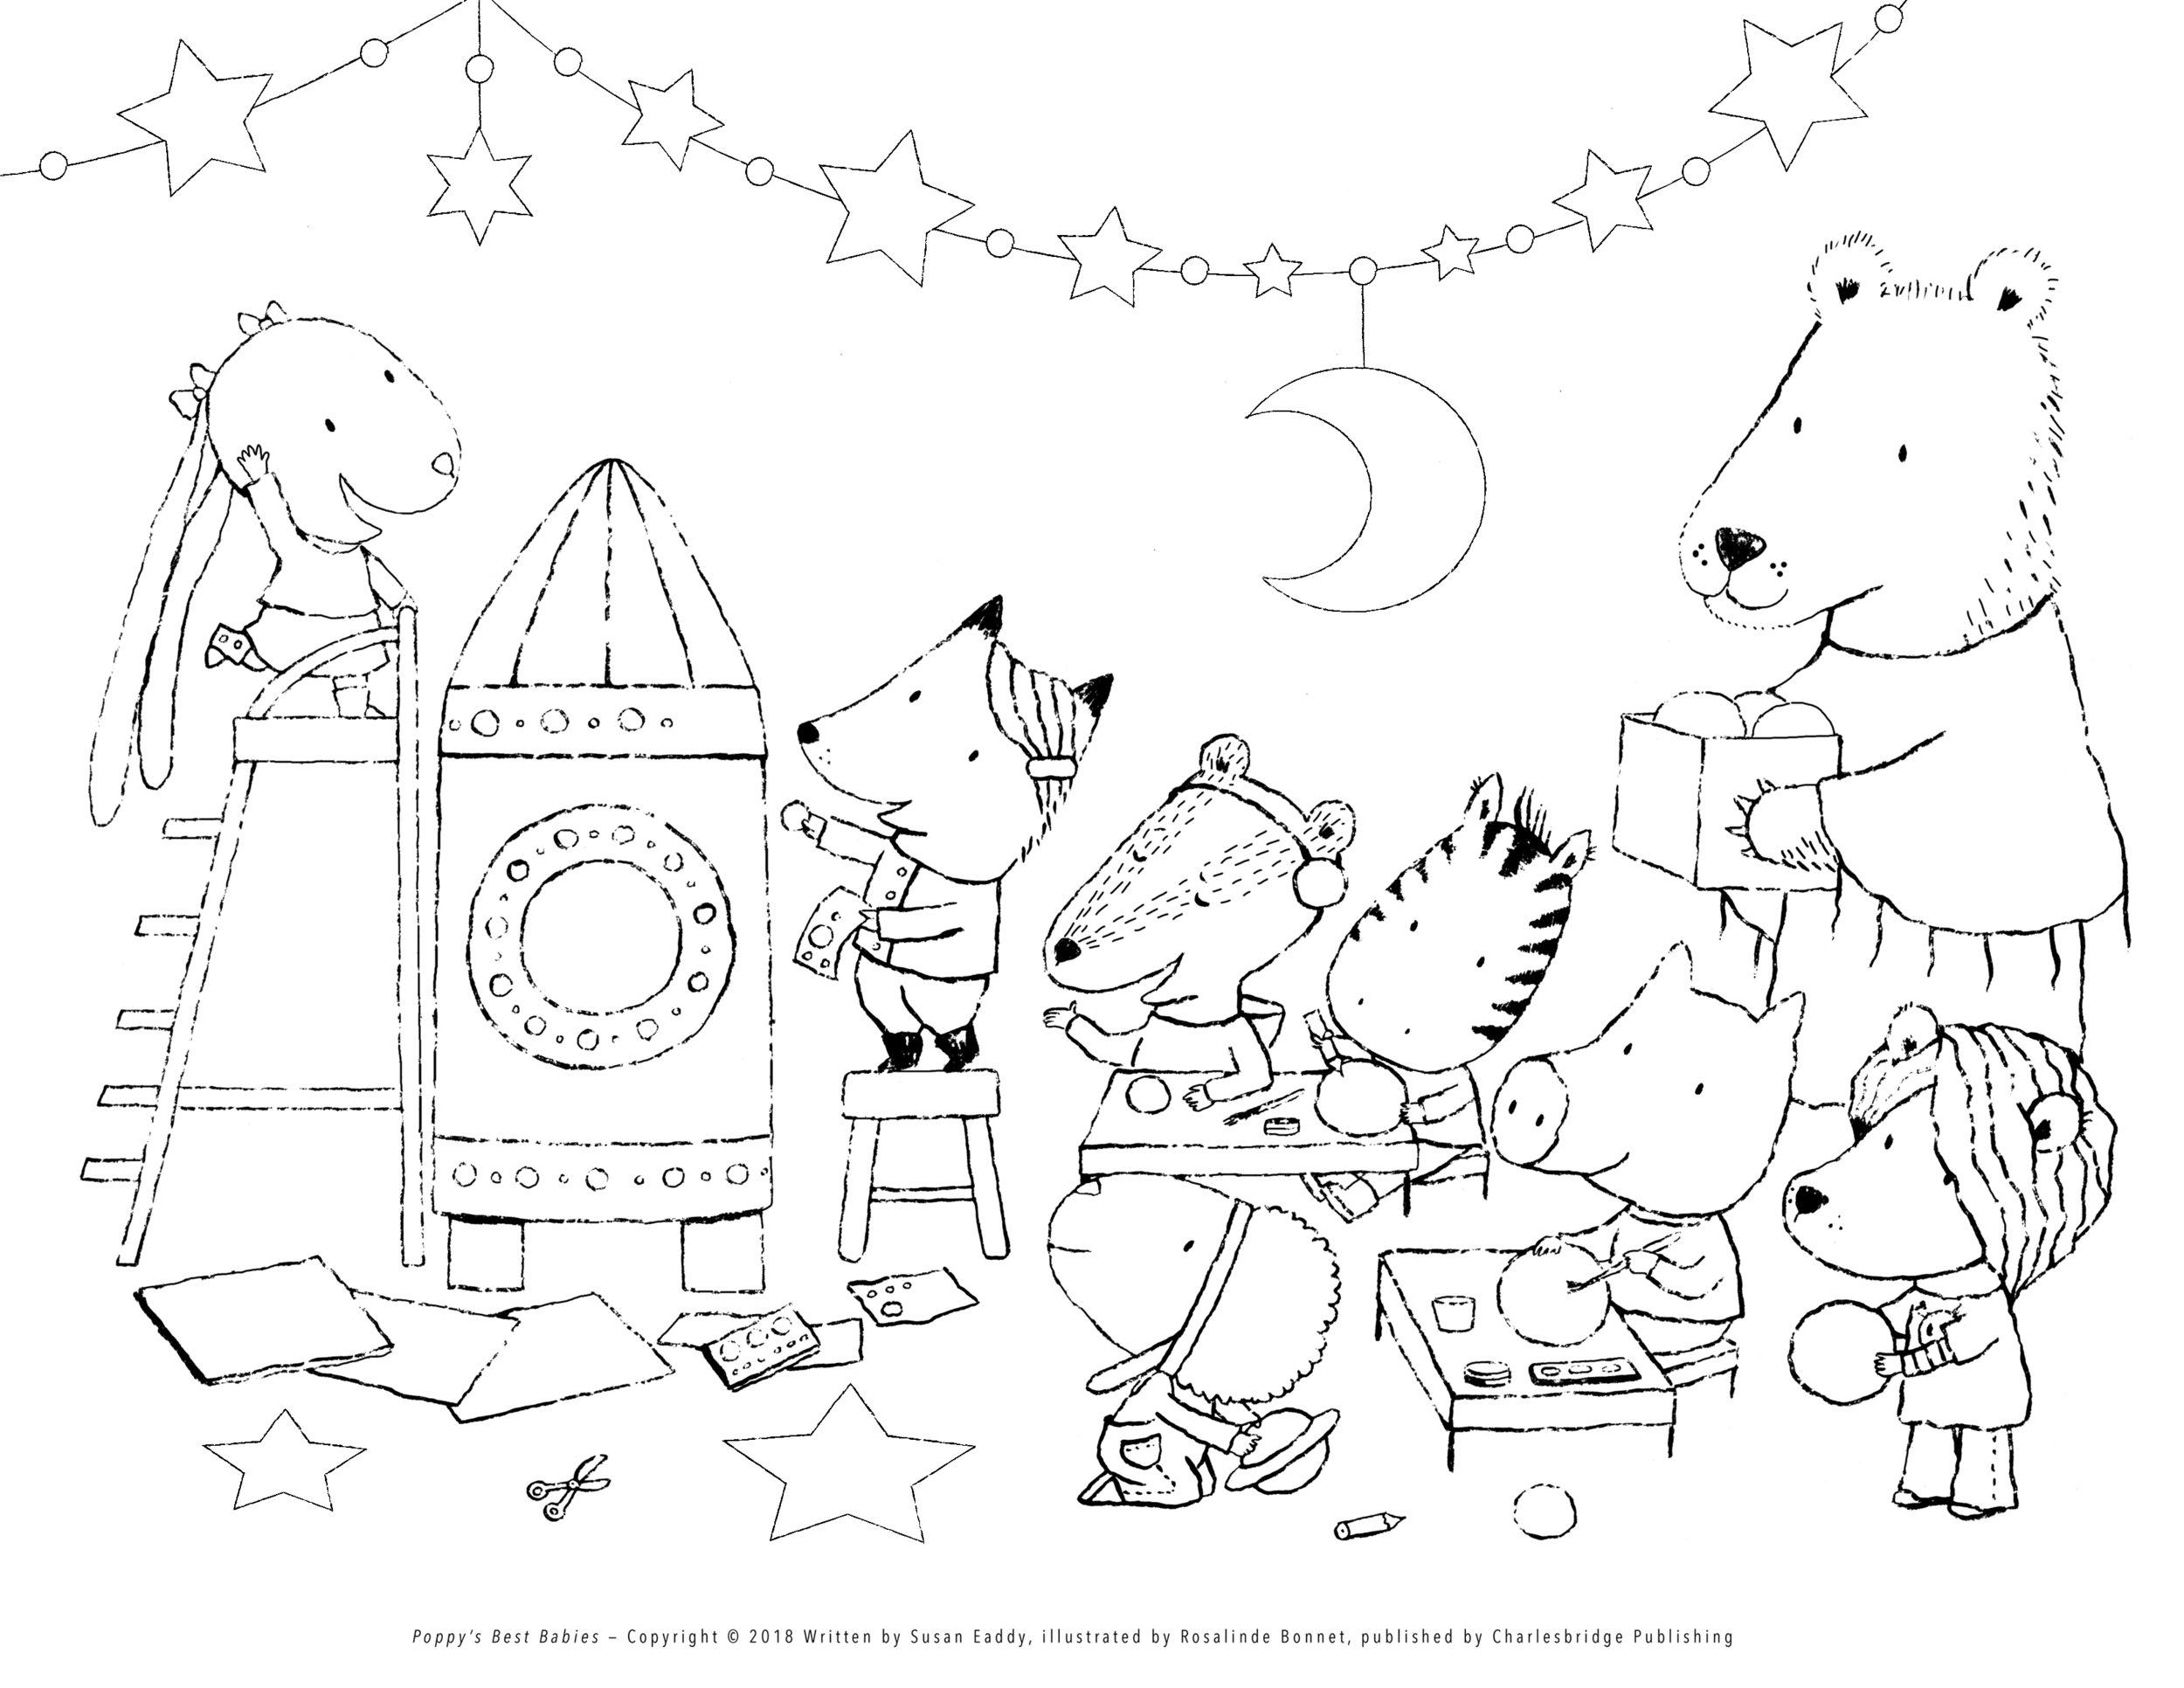 PoppysBabies coloring sheet 3.jpg